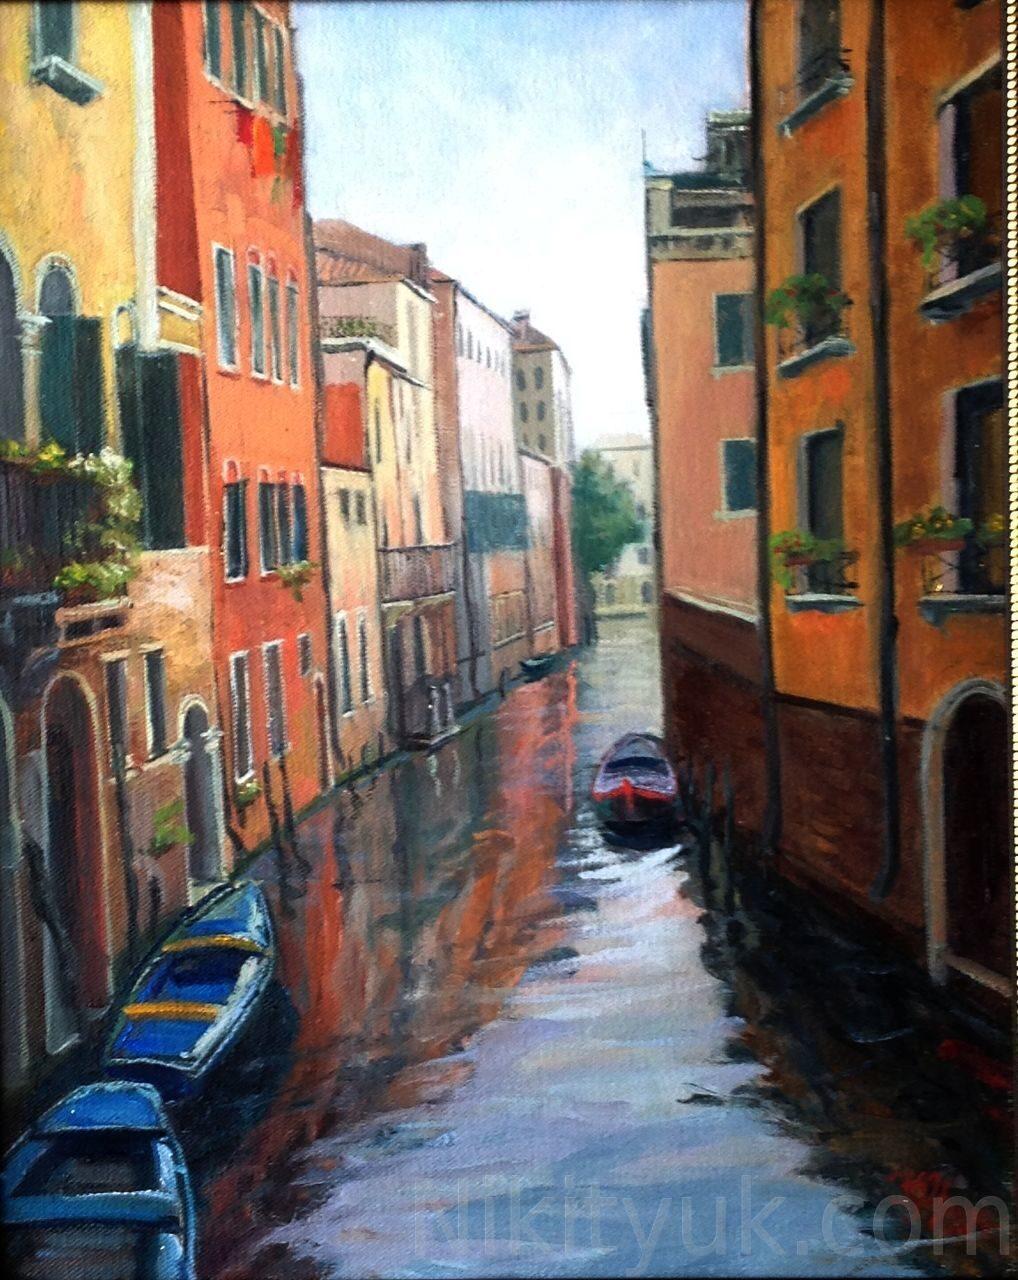 Улочка в Венеции, х.м., 50х40см, 2014г. 15 000 руб. в наличии